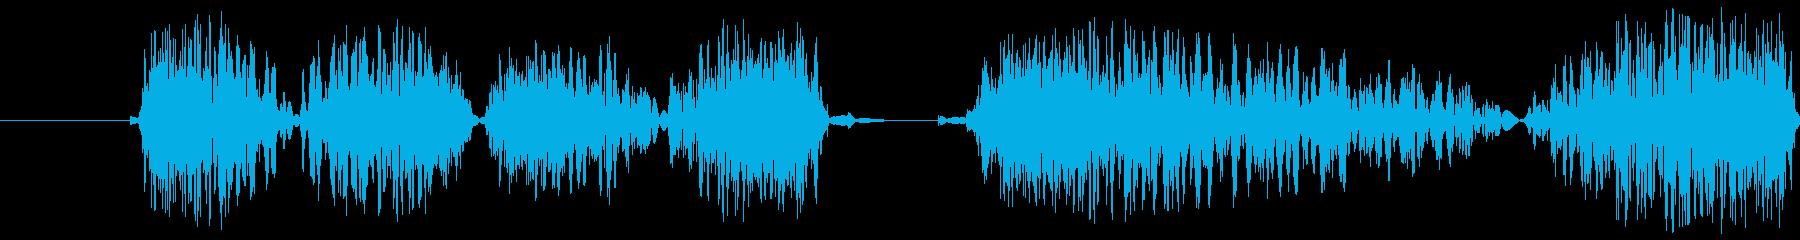 Dj Flutter Scratc...の再生済みの波形